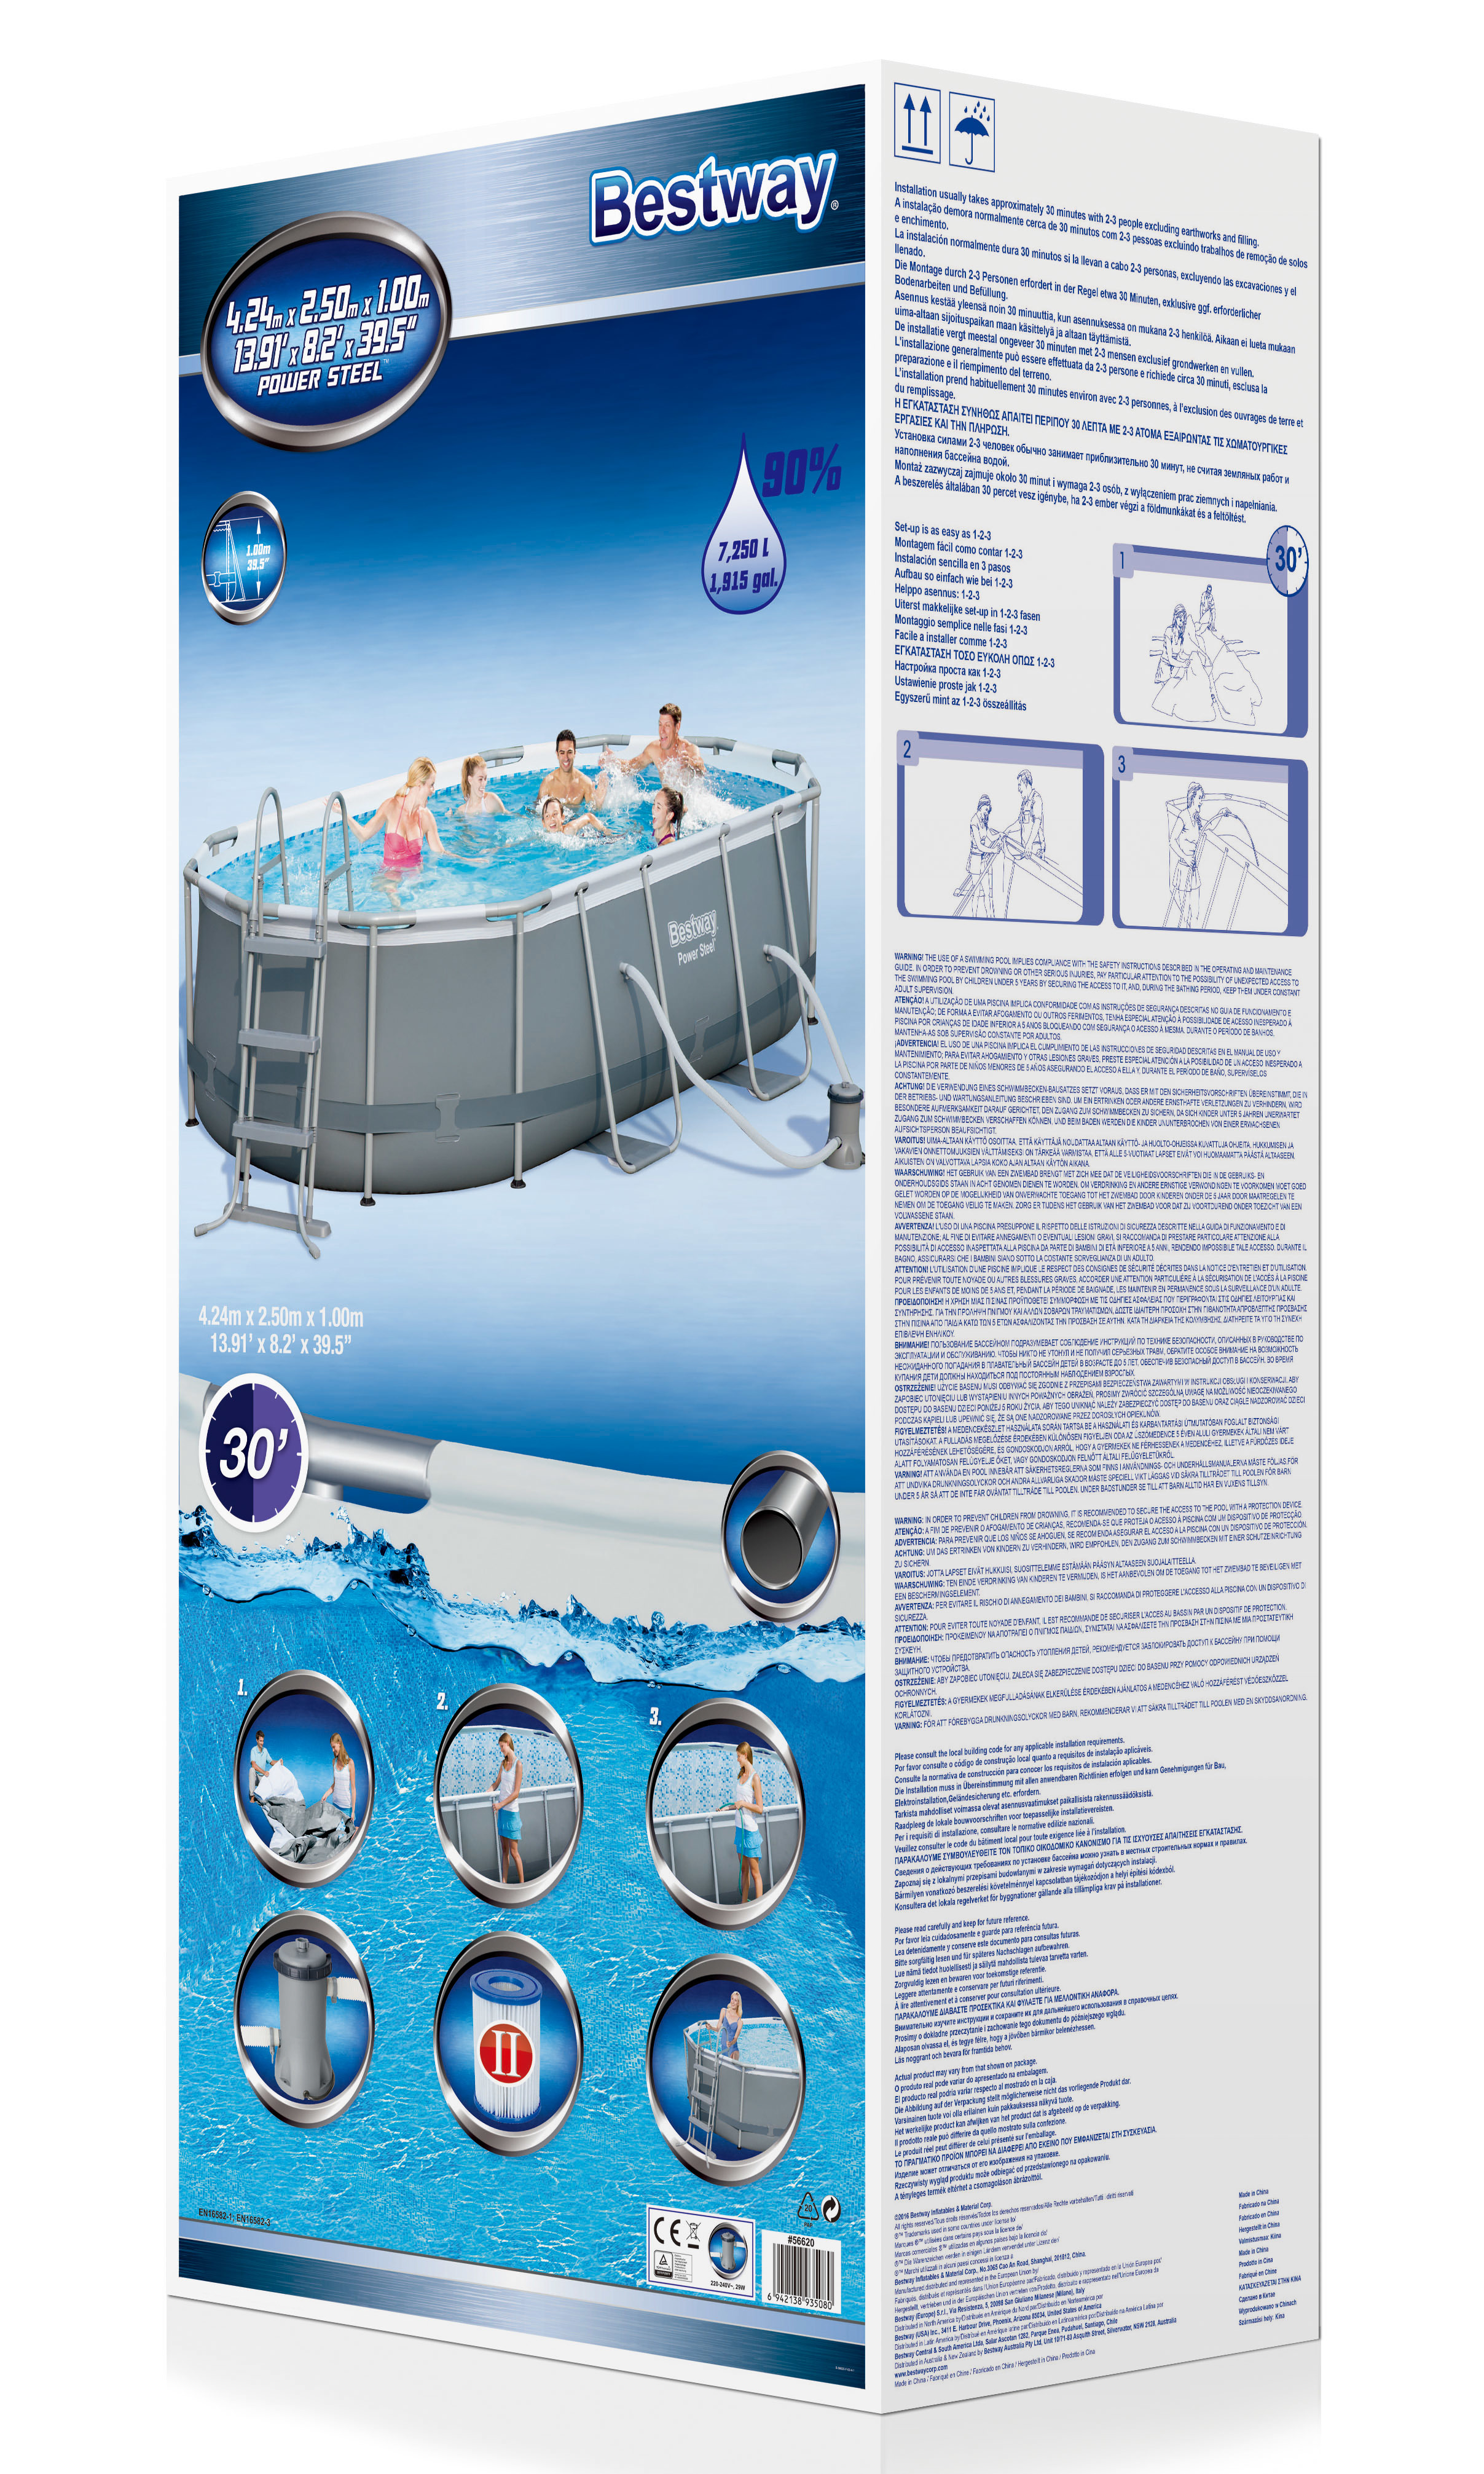 Kit Piscine ovale - L 424 x l 250 x H 100 cm - 56620